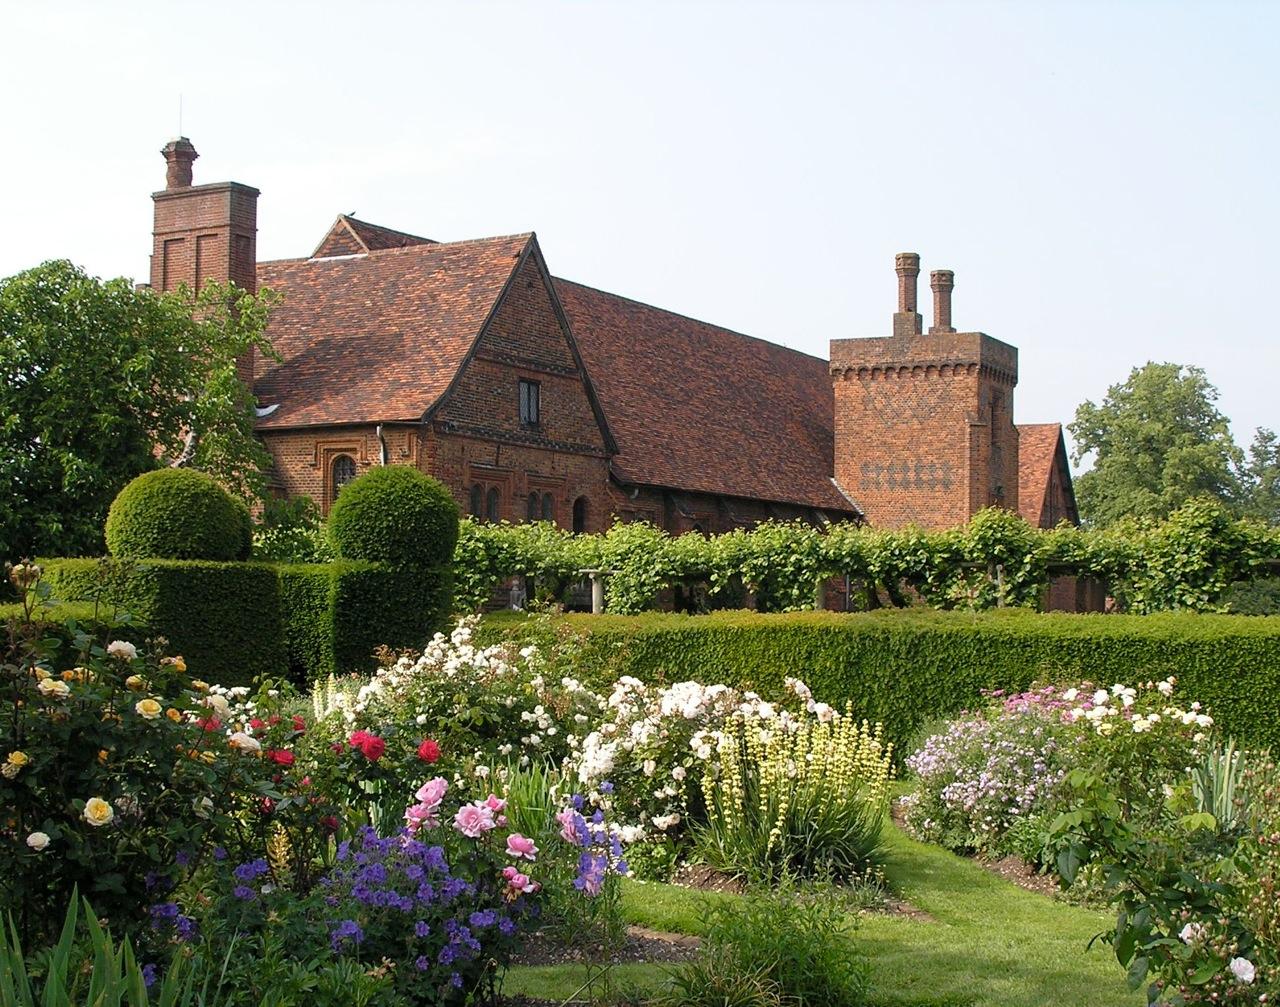 Hatfield house the enduring gardener for Wallpaper home england